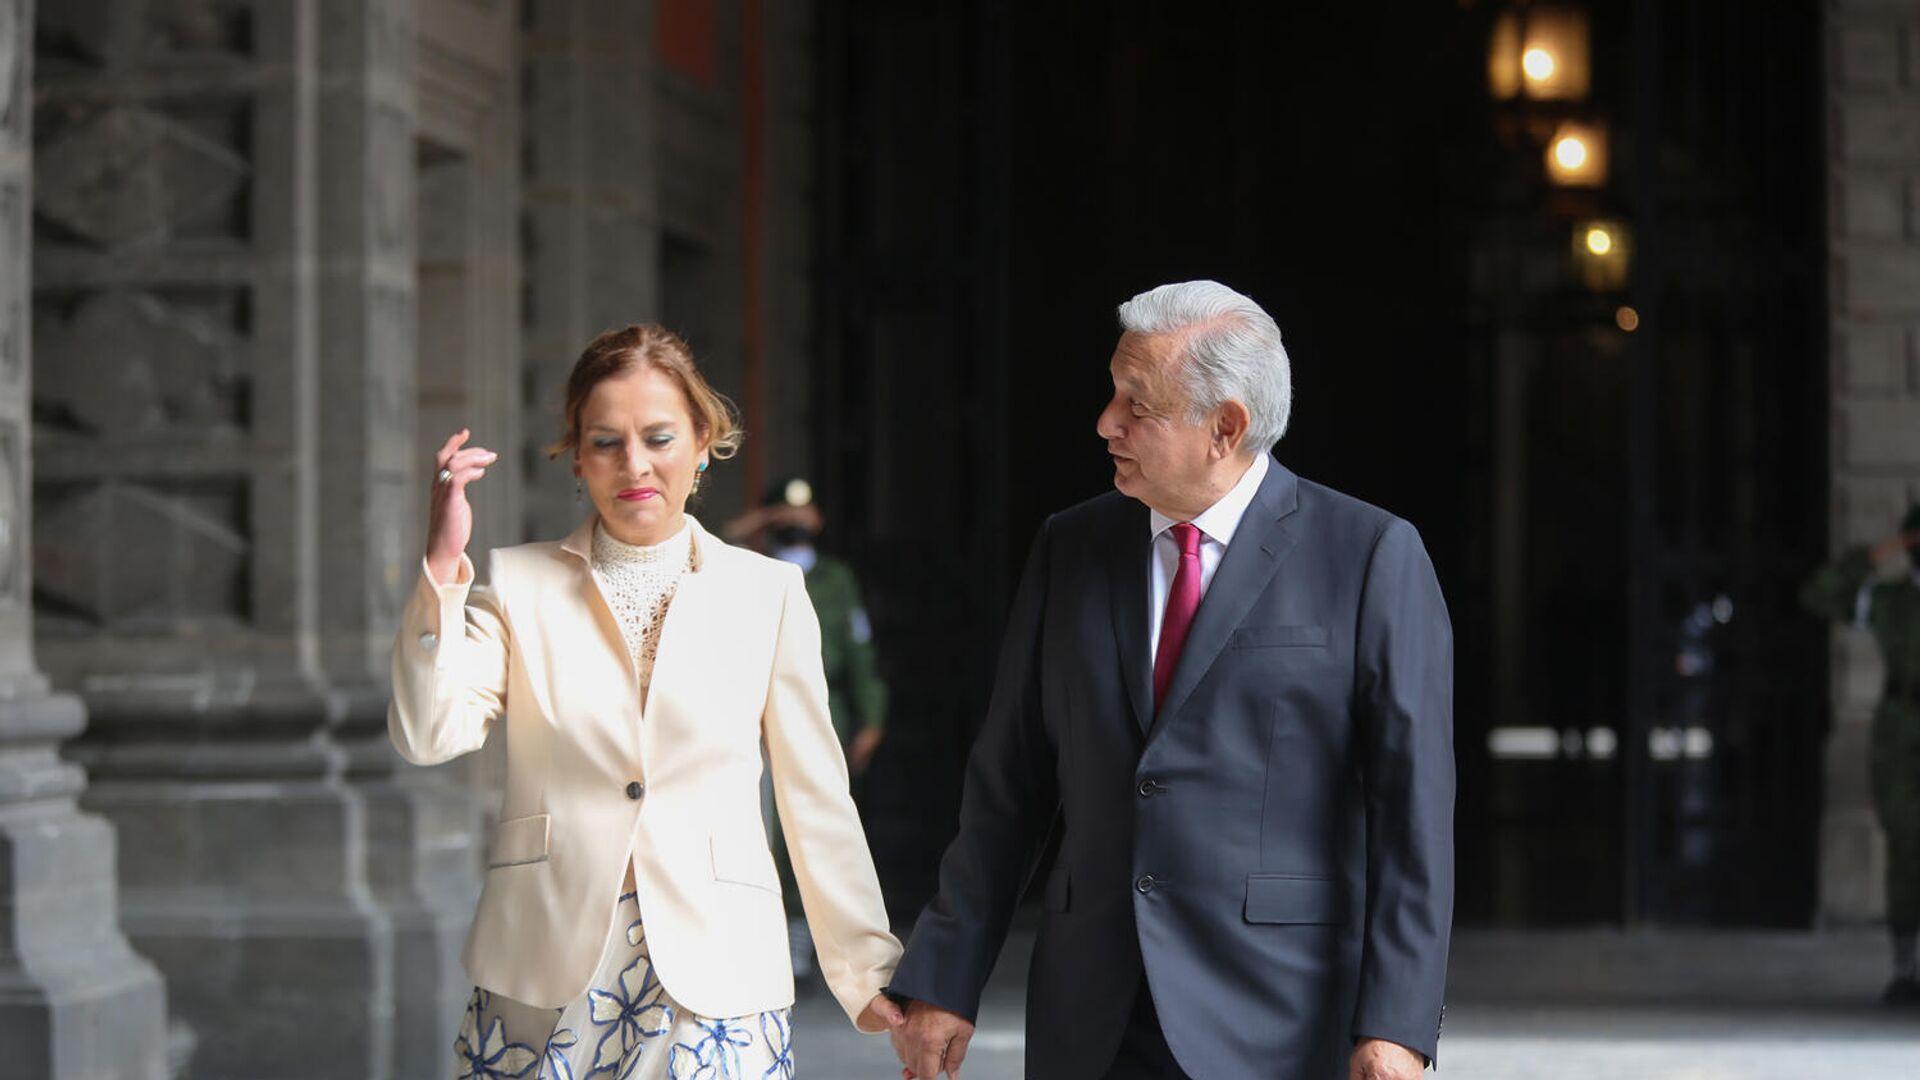 Beatriz Gutiérrez Müller y Andrés Manuel López Obrador - Sputnik Mundo, 1920, 24.09.2021